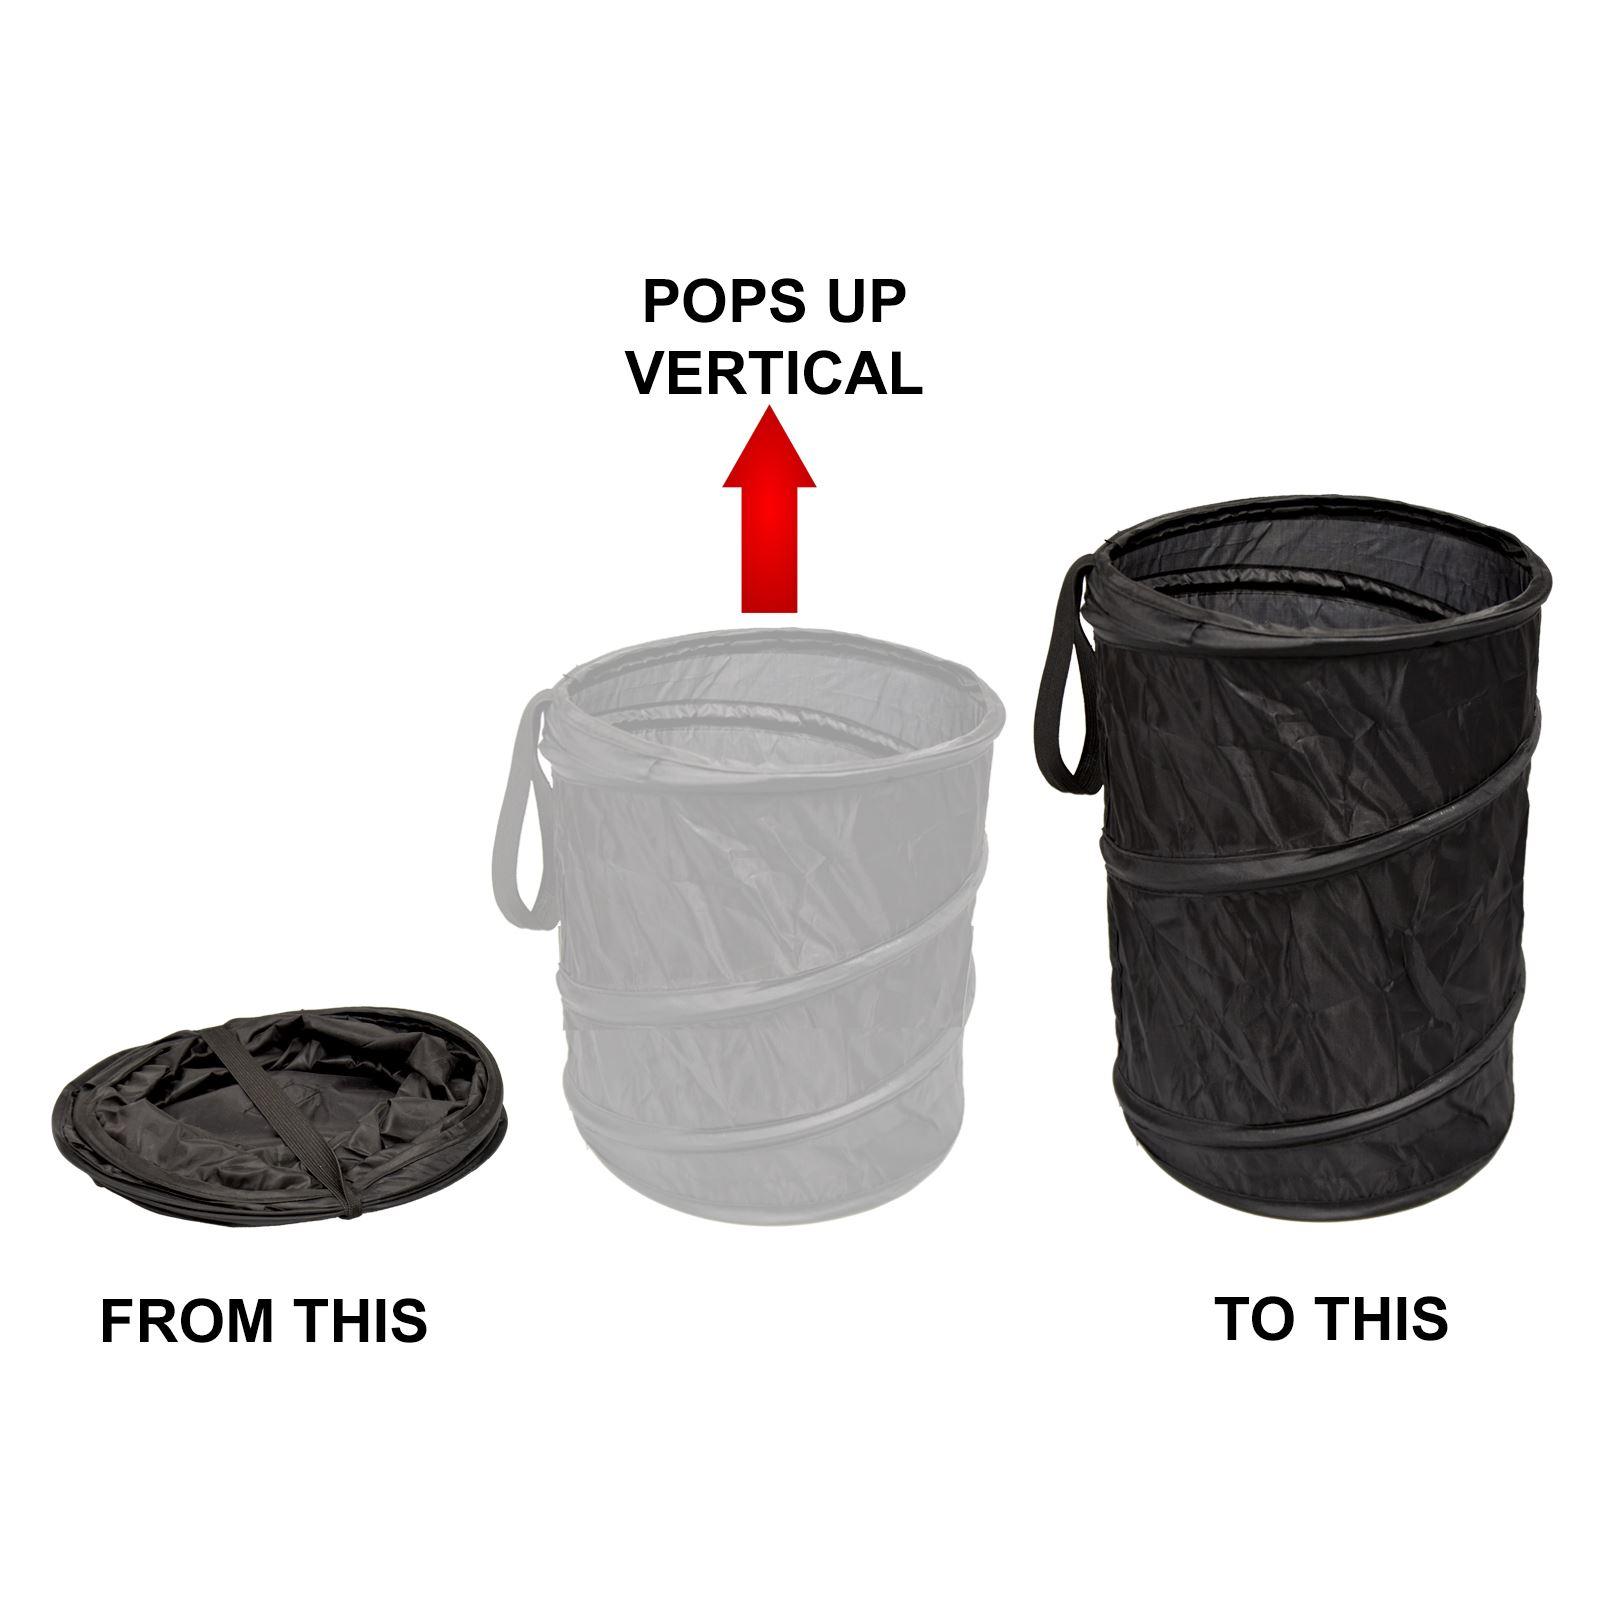 Large collapsible car bin mini trash garbage rubbish hang foldable waste basket ebay - Collapsible waste basket ...